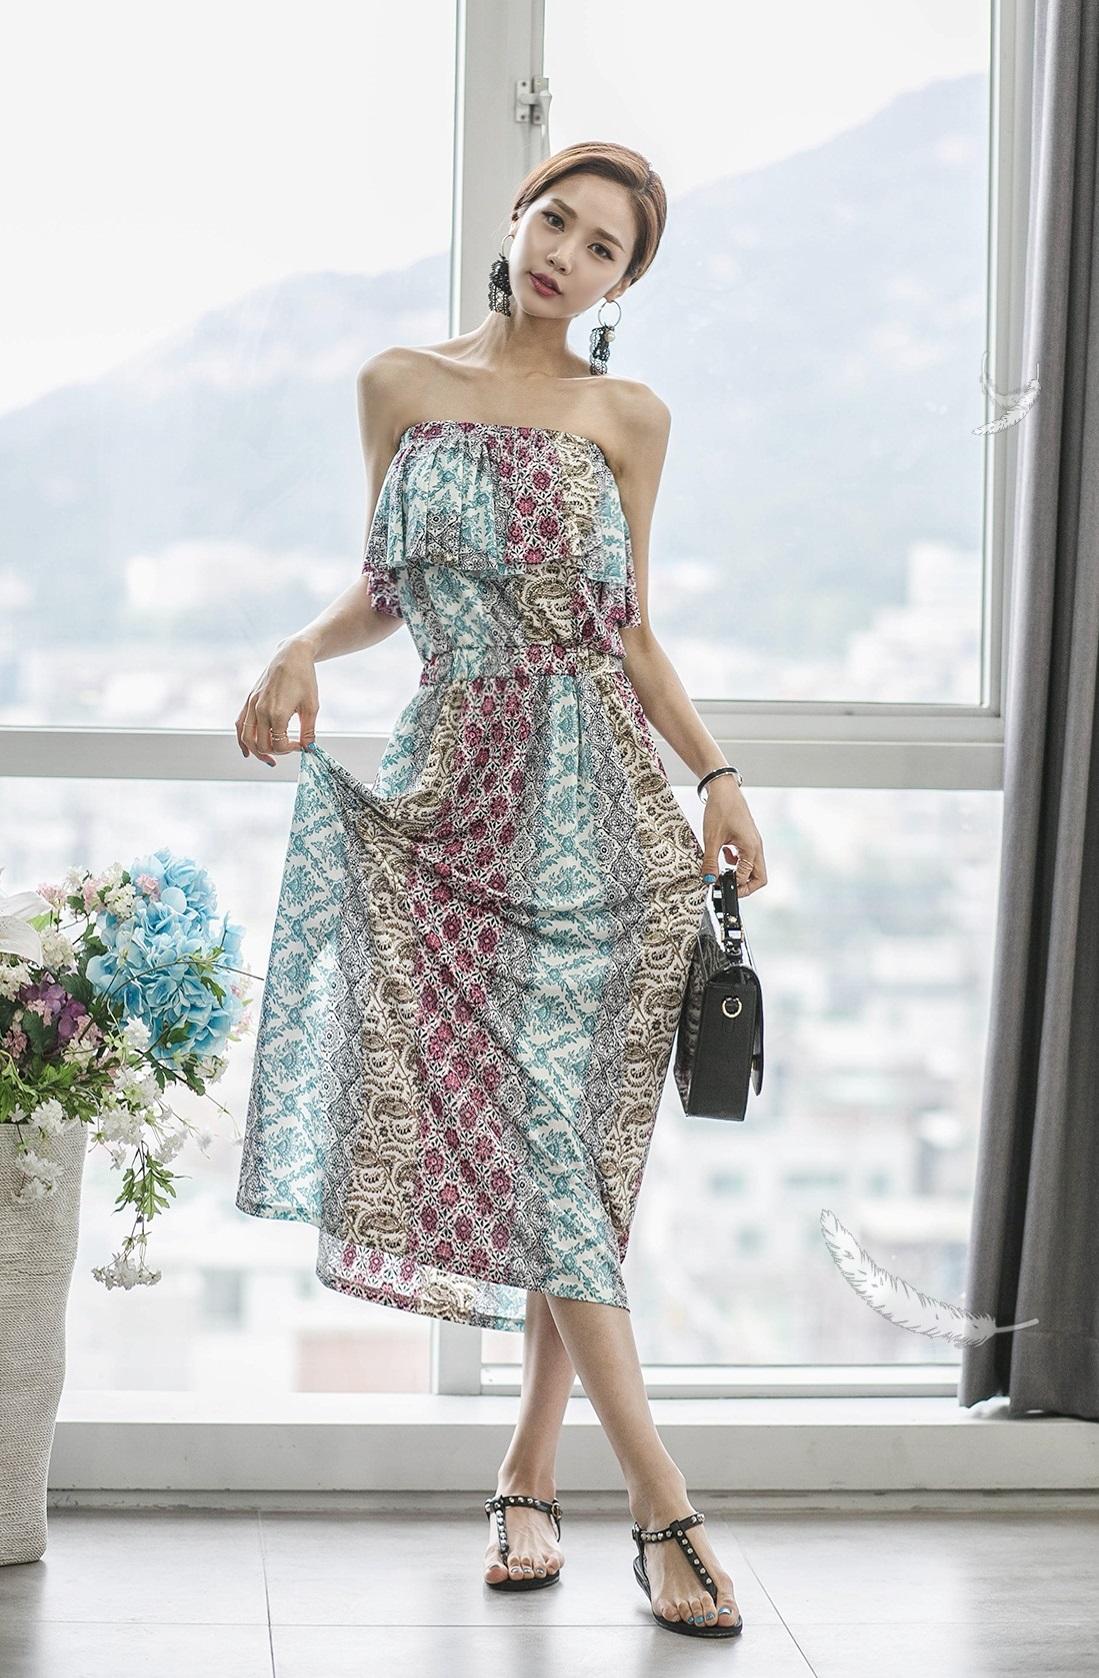 波西米亚风格一字肩长裙,休闲浪漫